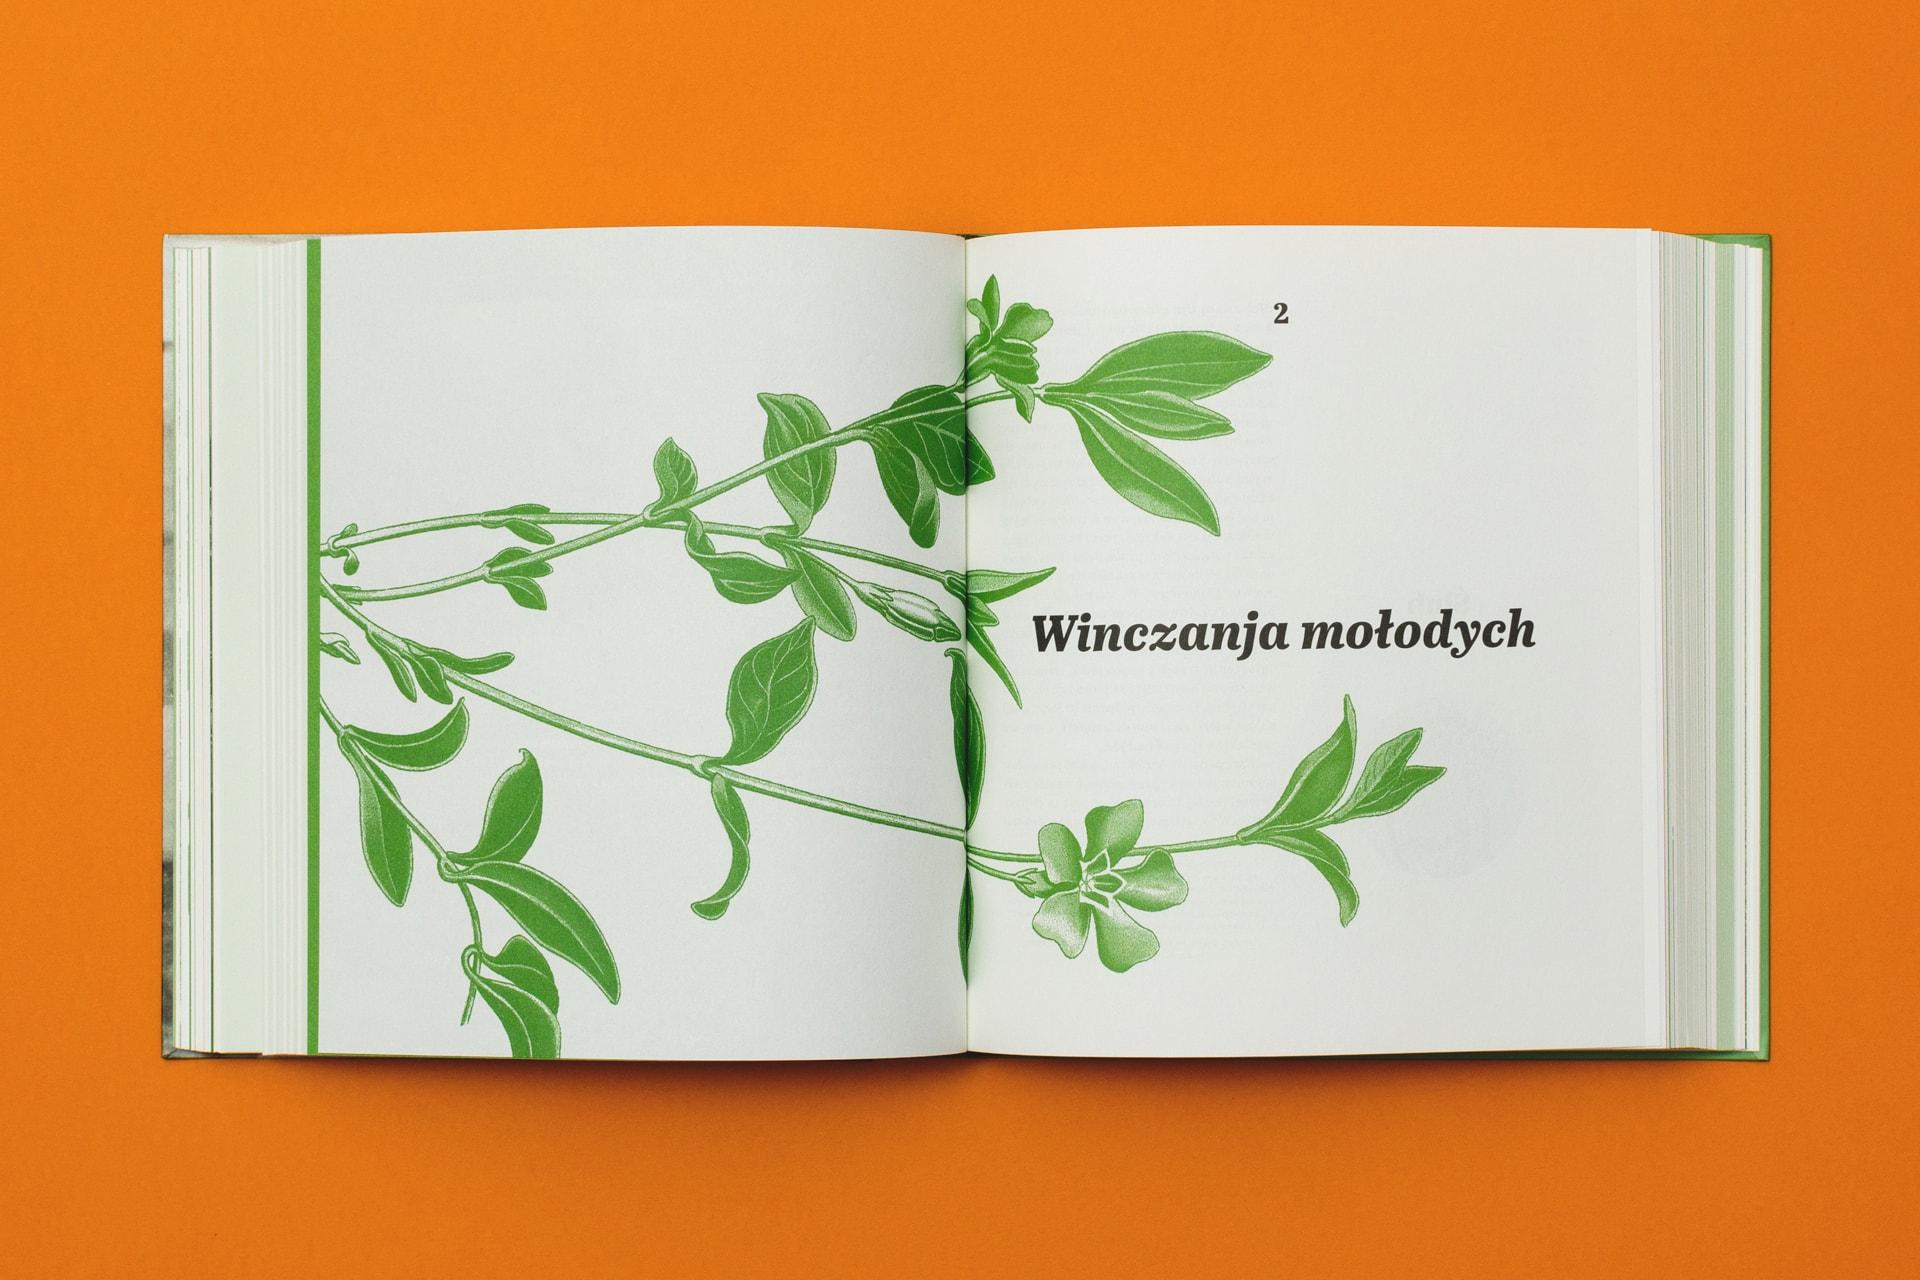 www.www.zyznowski.pl - Łemkowskie Wesele wŚwiątkowej Wielkiej - wnętrze_1zyznowski.pl - Łemkowskie Wesele wŚwiątkowej Wielkiej - wnętrze_1